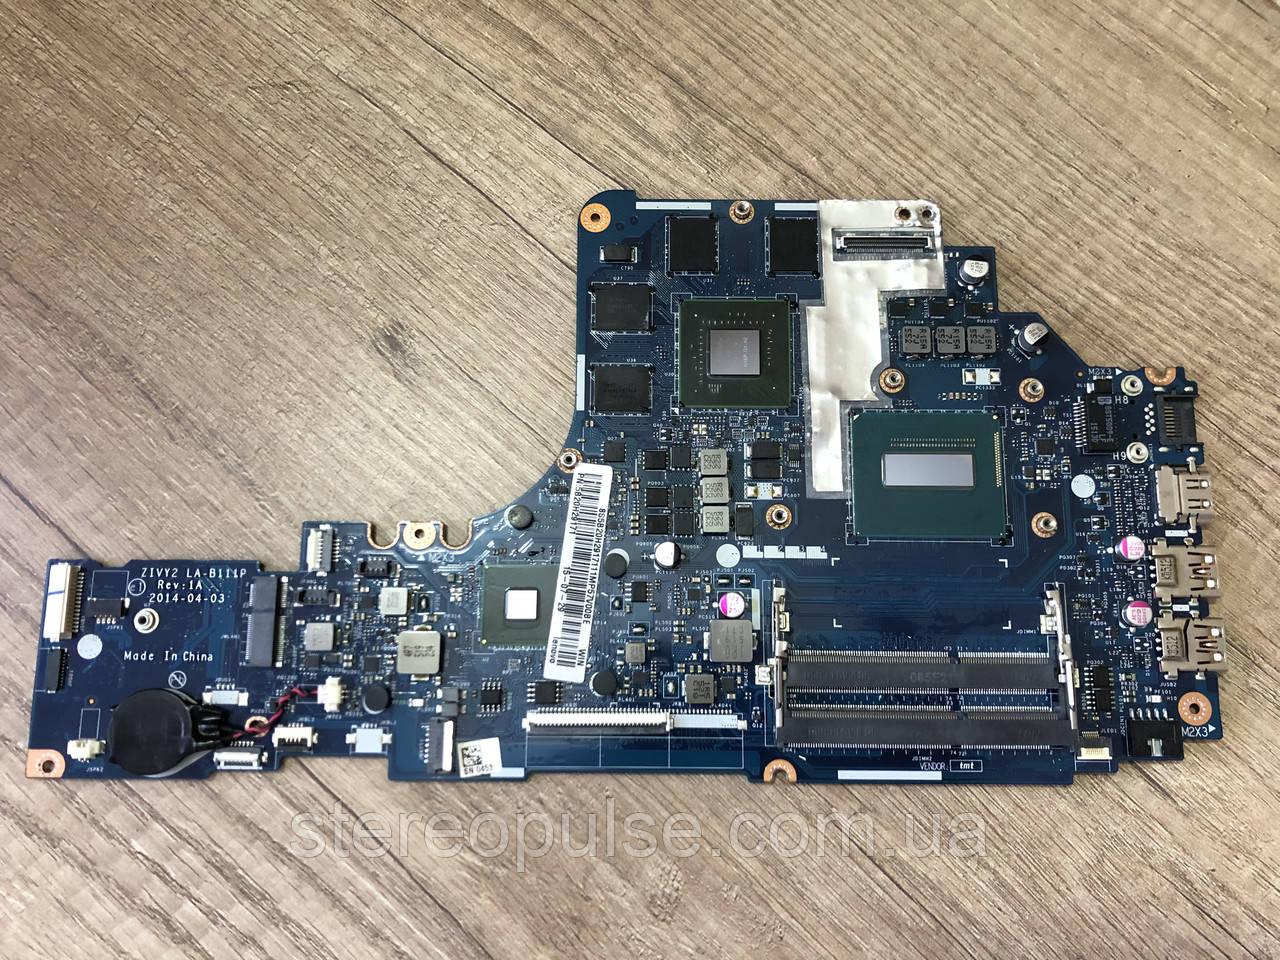 Материнская плата ZIVY2 LA-B111P (Rev: 1A) для ноутбука Lenovo Y70-70